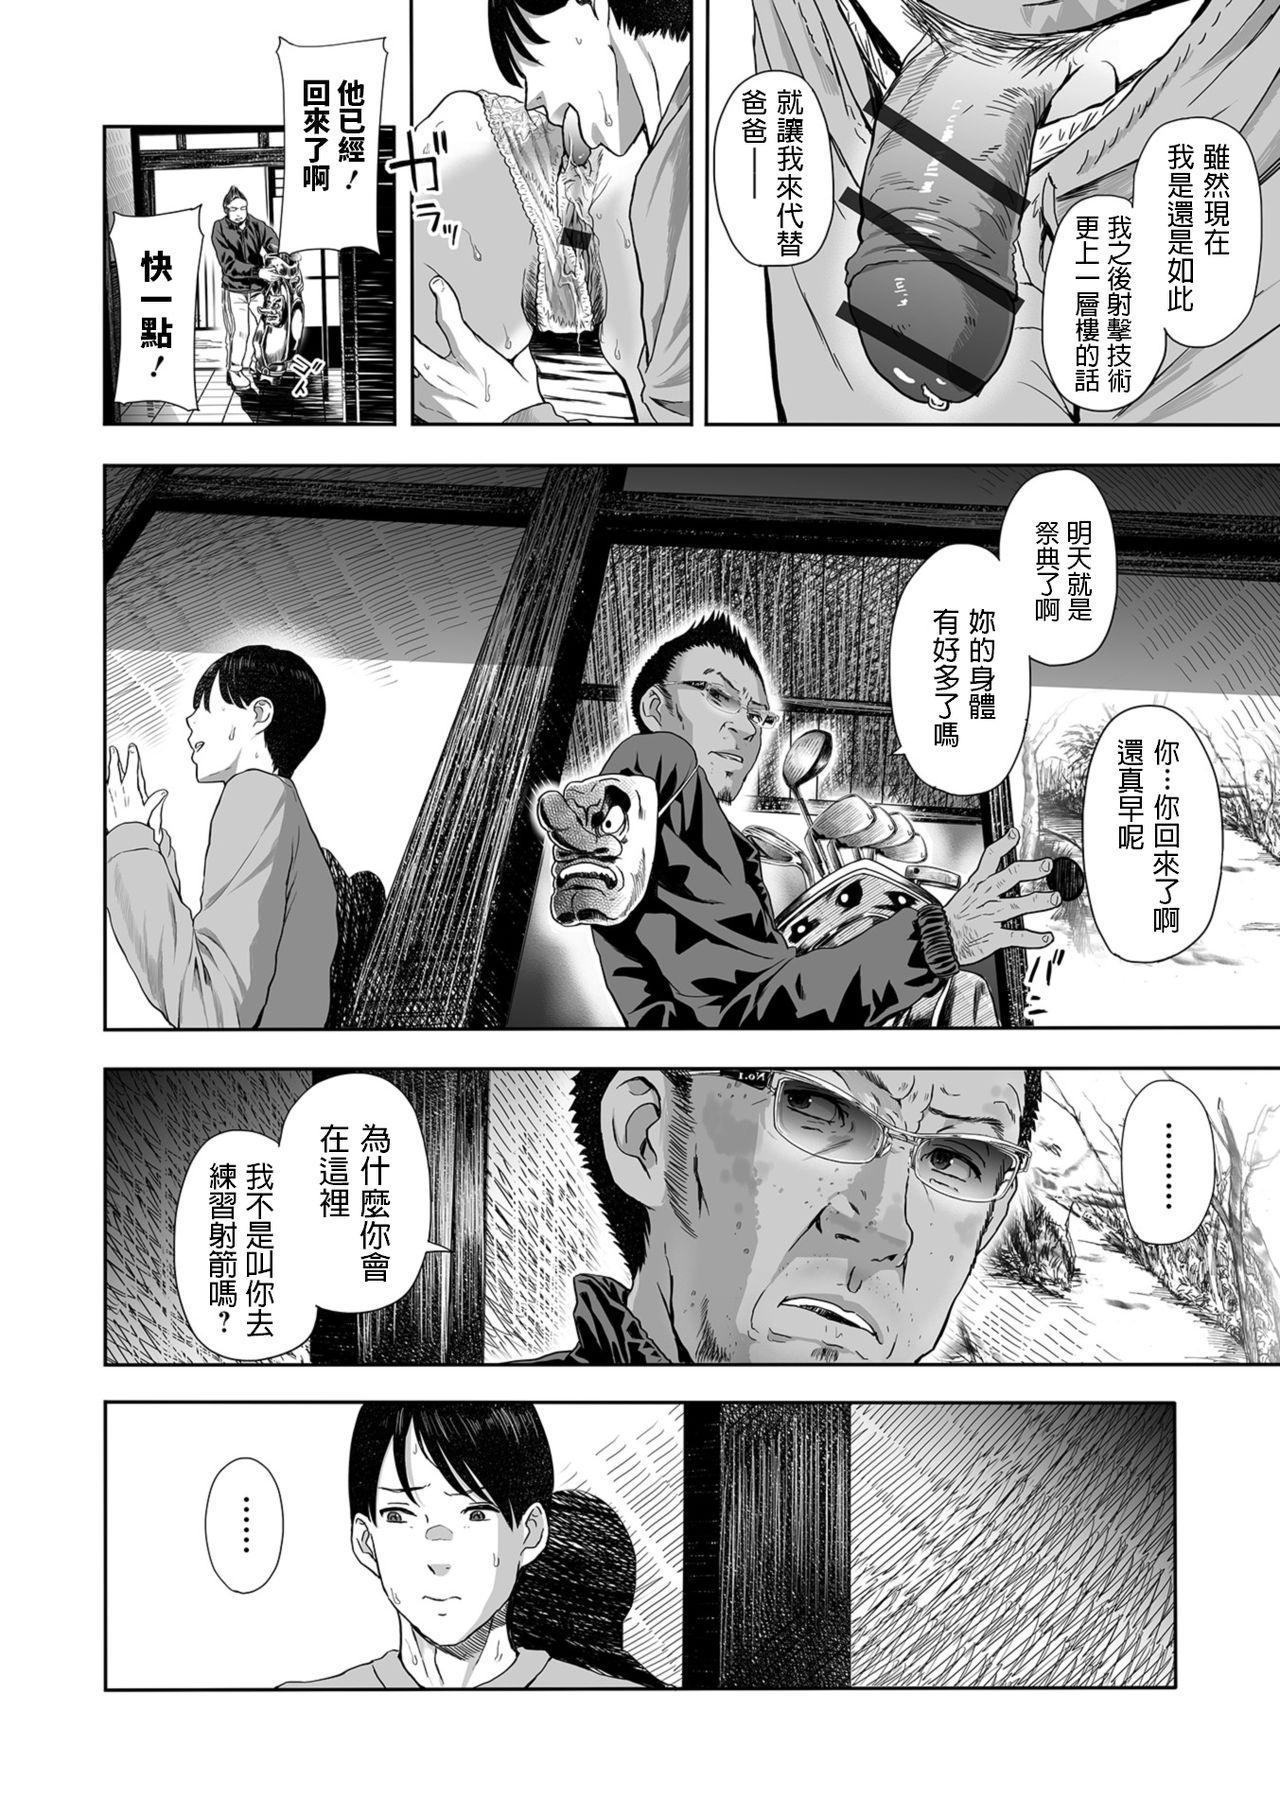 Gibo no Inketsu o Inuku wa Hikishiborareta Musuko no Ya 7